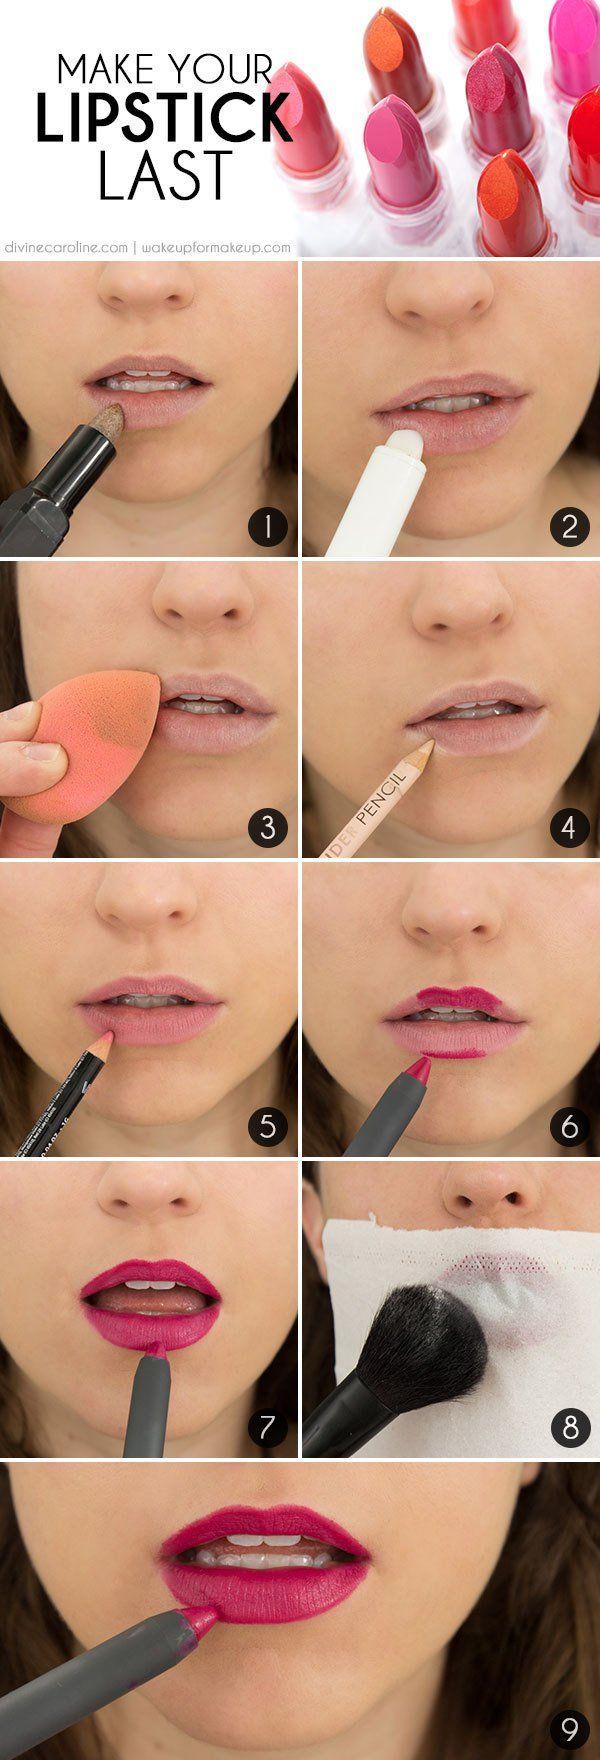 18 trucos útiles de maquillaje para mujeres: diseños bonitos